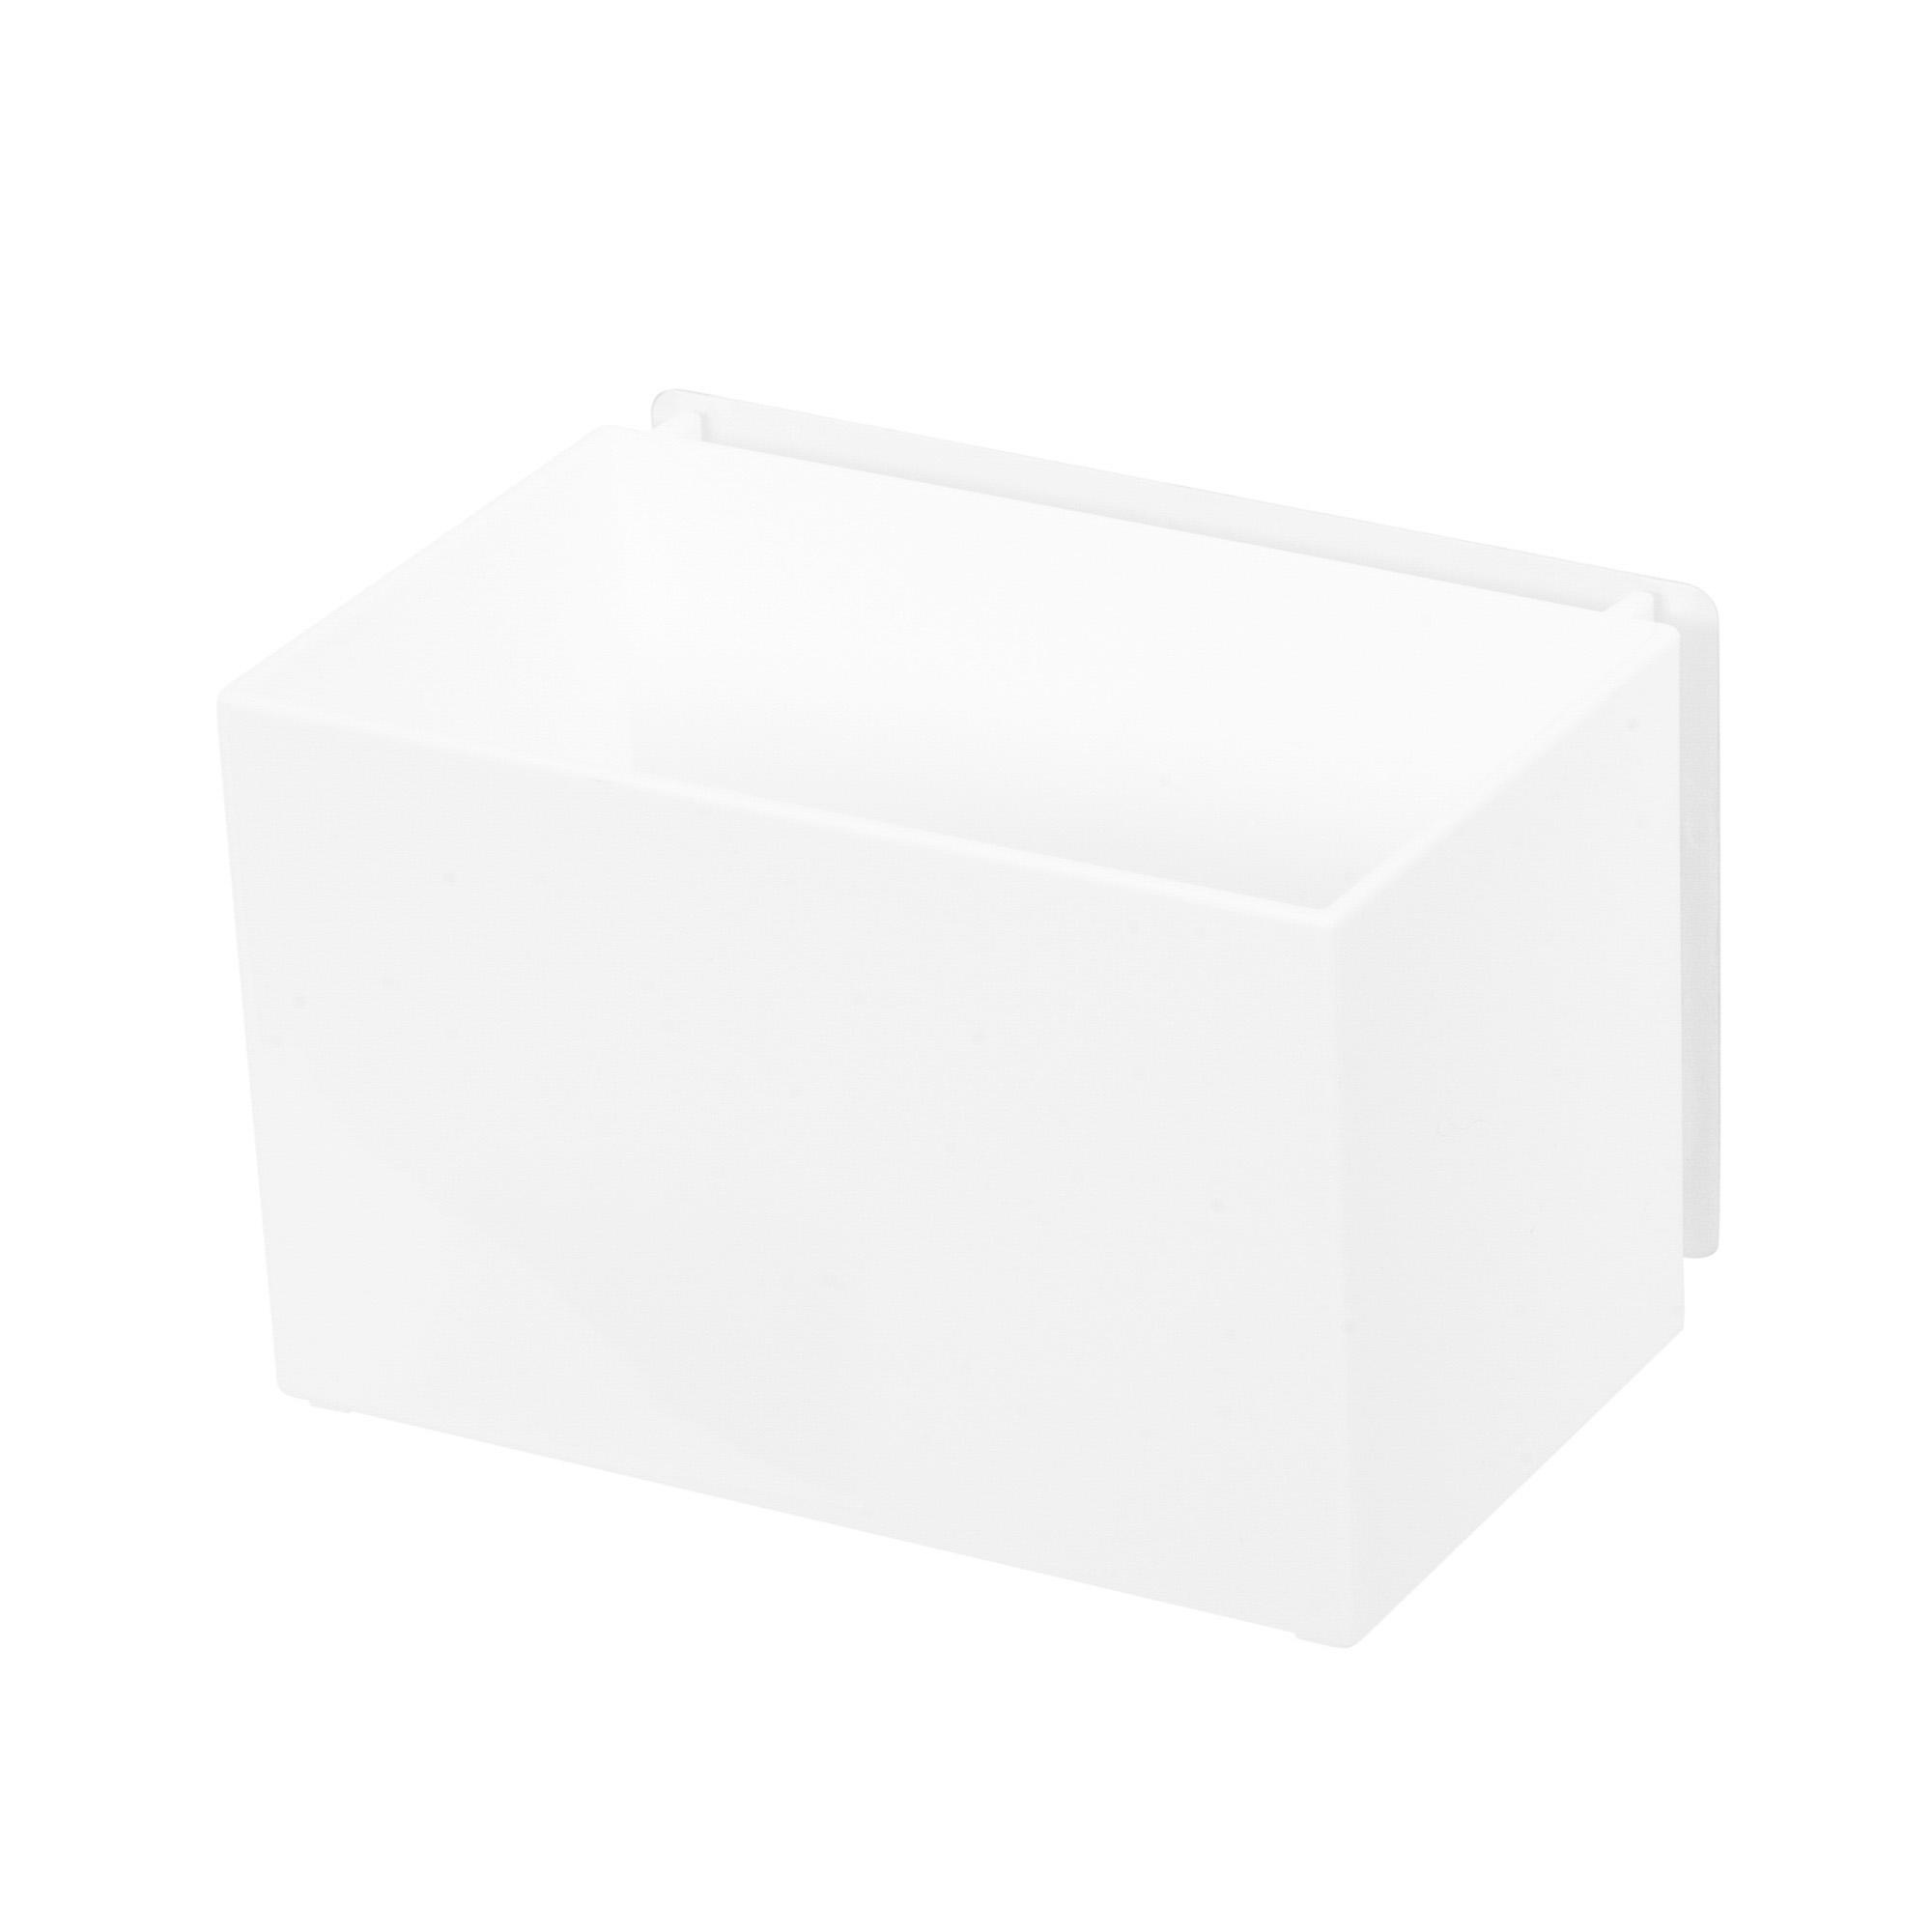 Boîte de rangement auto-adhésive 16x10,2cm